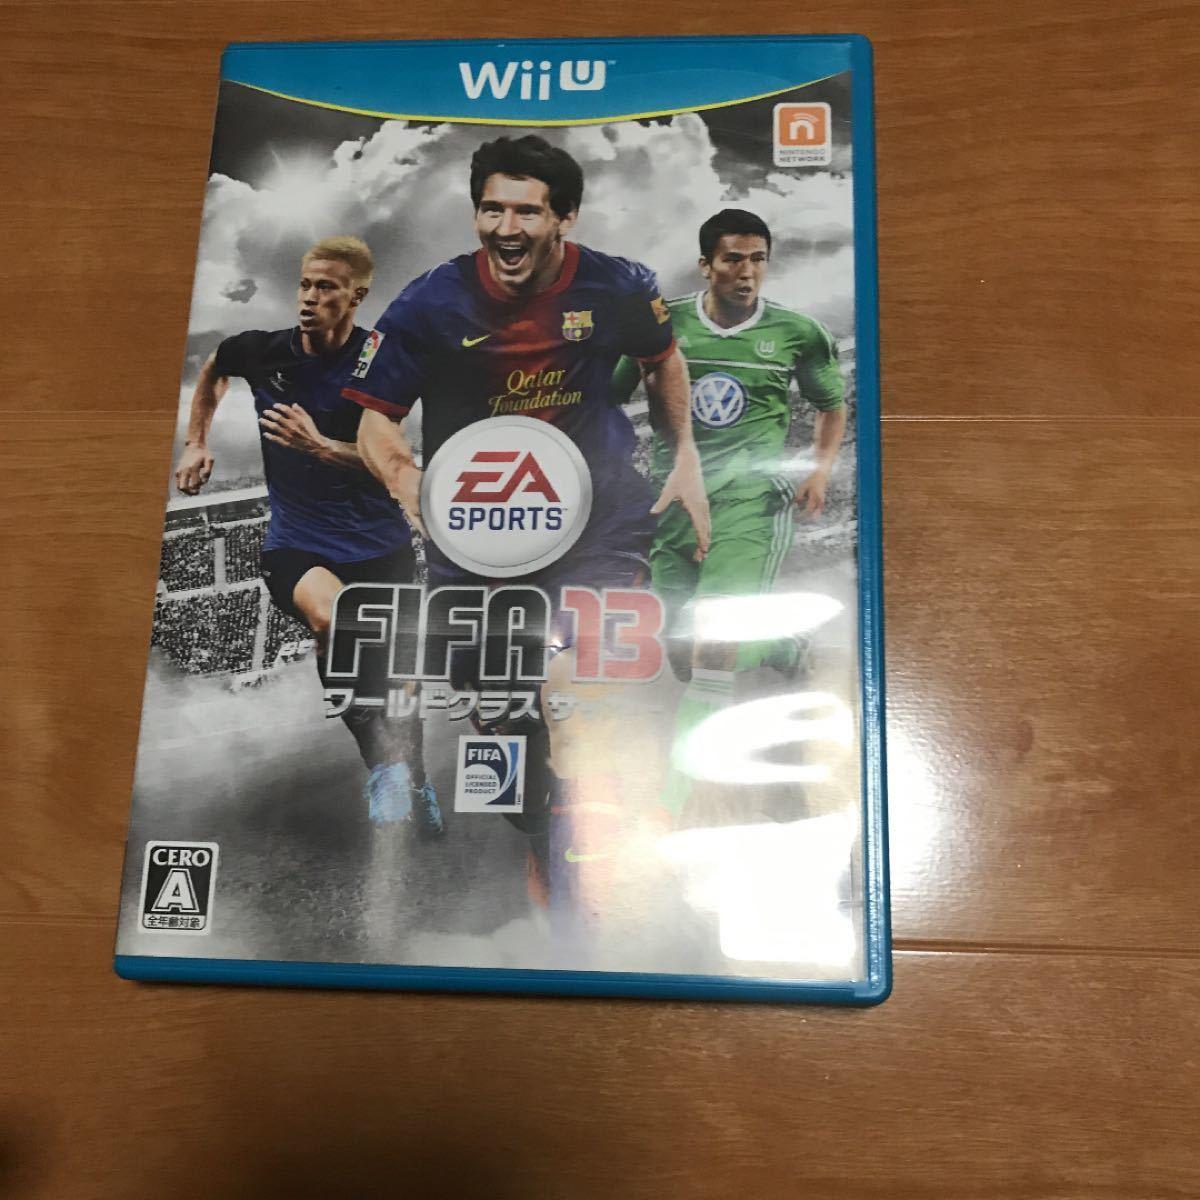 WiiU FIFA ワールドクラス サッカー